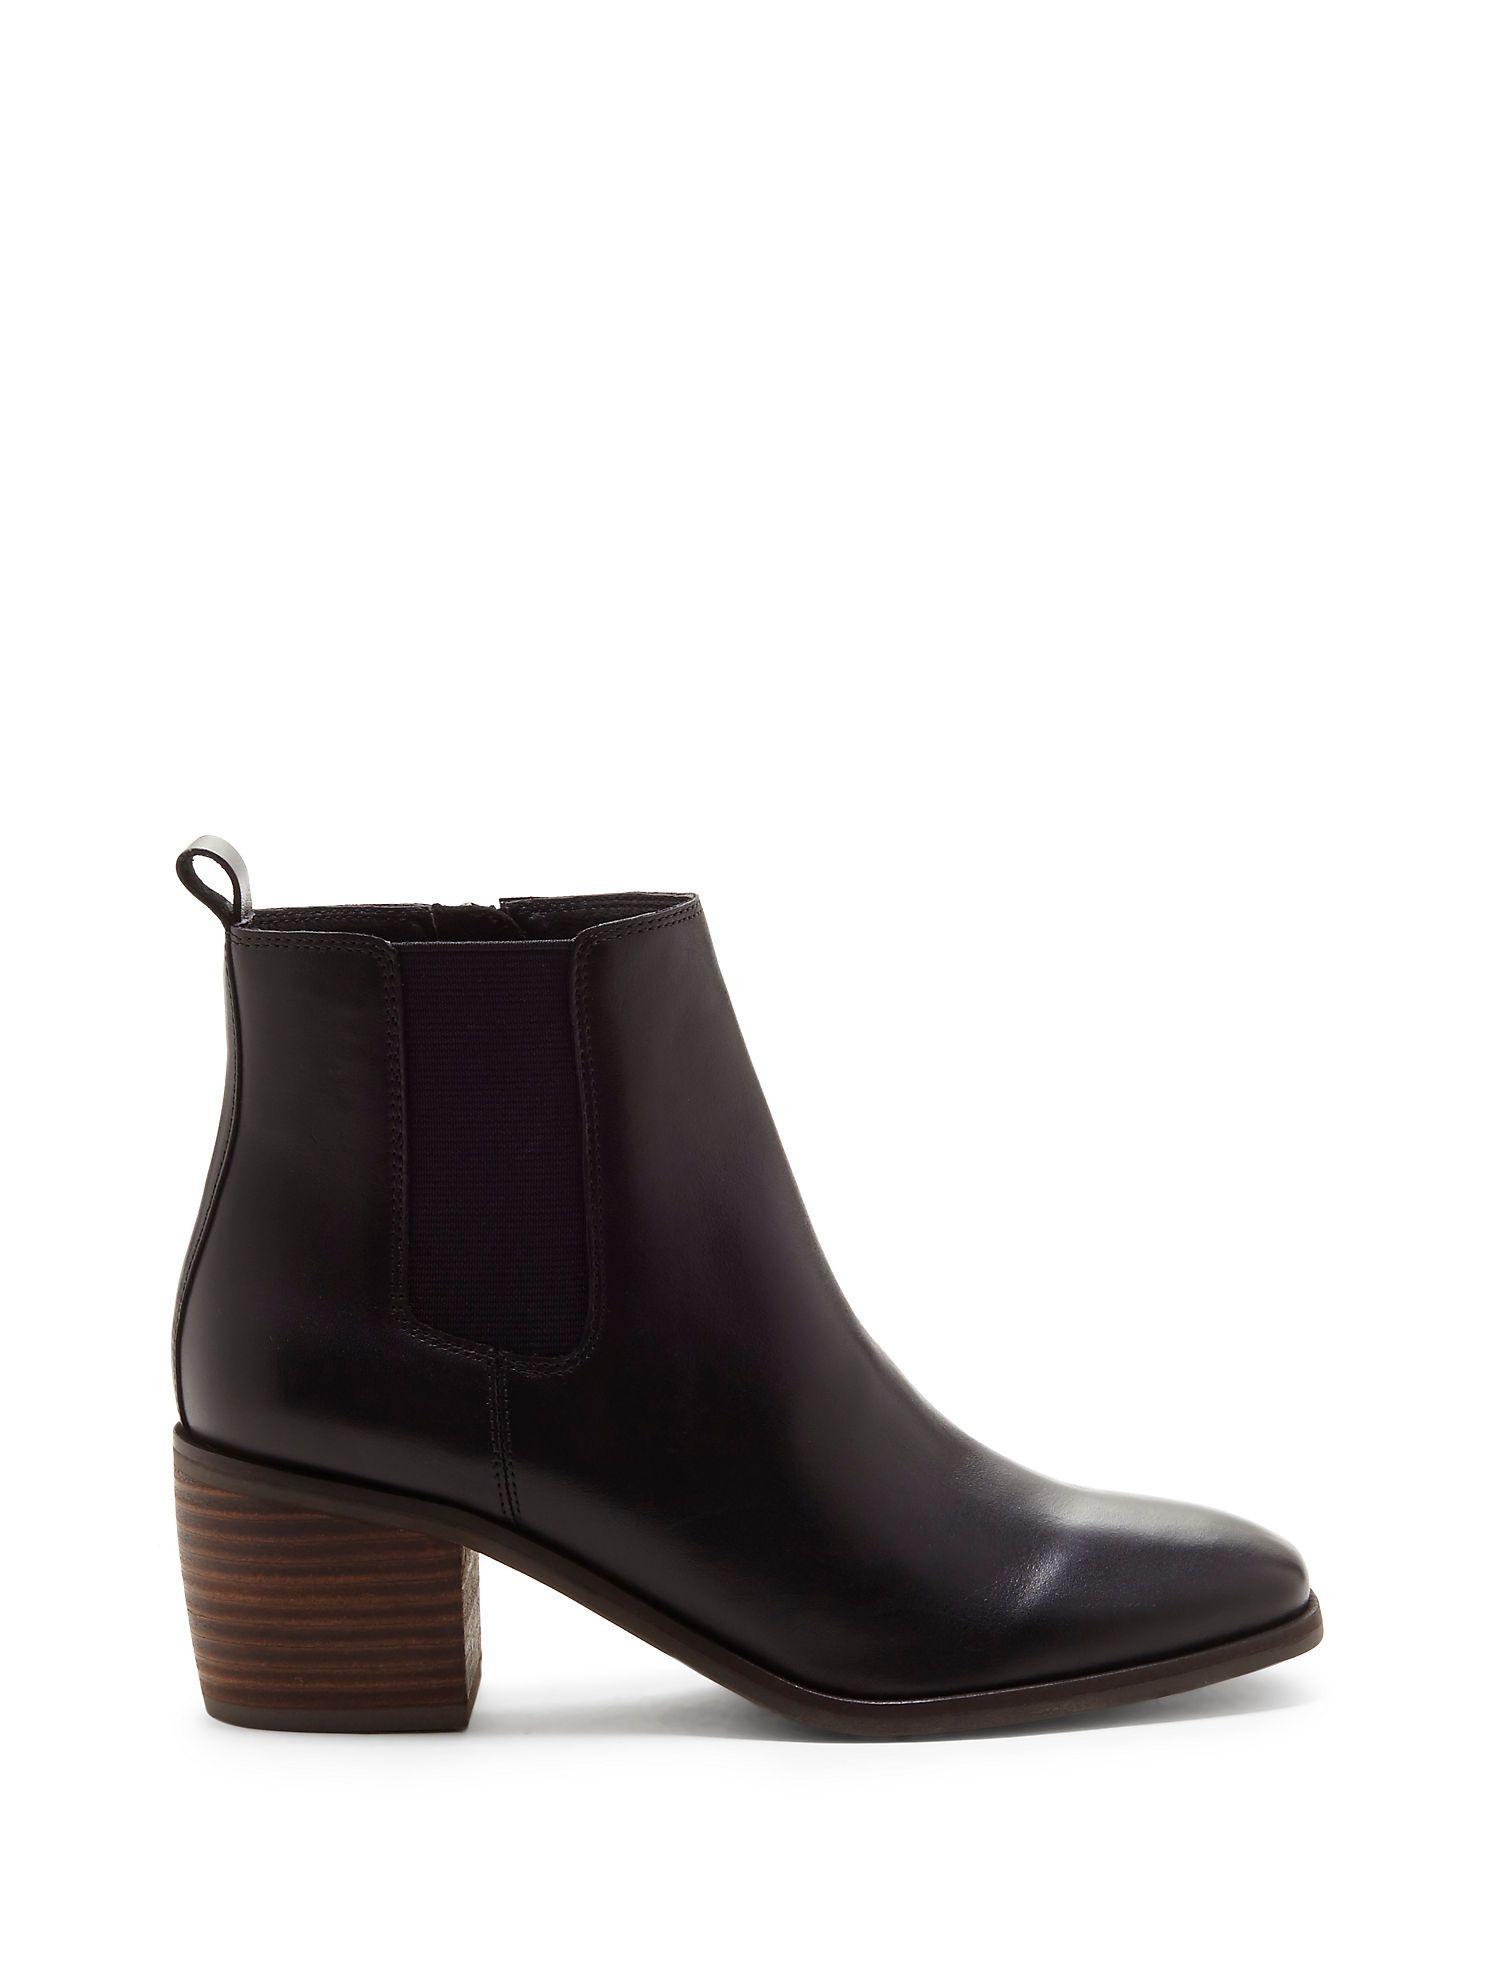 Maiken Bootie | Lucky Brand | Boots